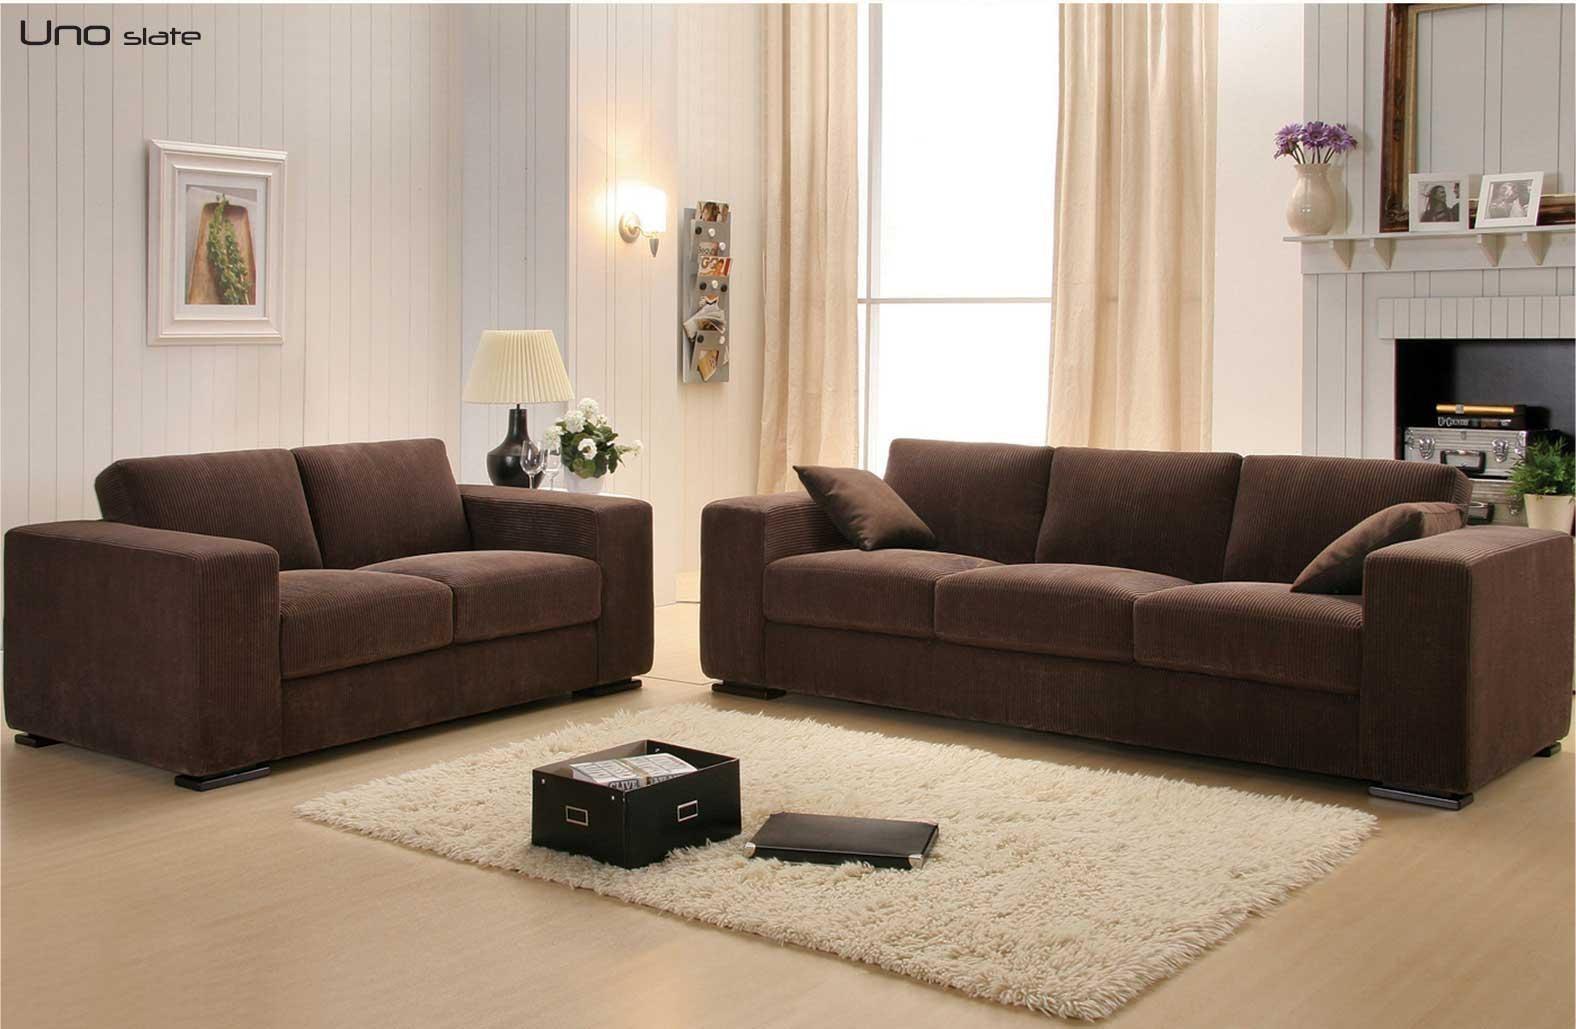 Corduroy Sofa | Teabiz With Brown Corduroy Sofas (View 3 of 20)